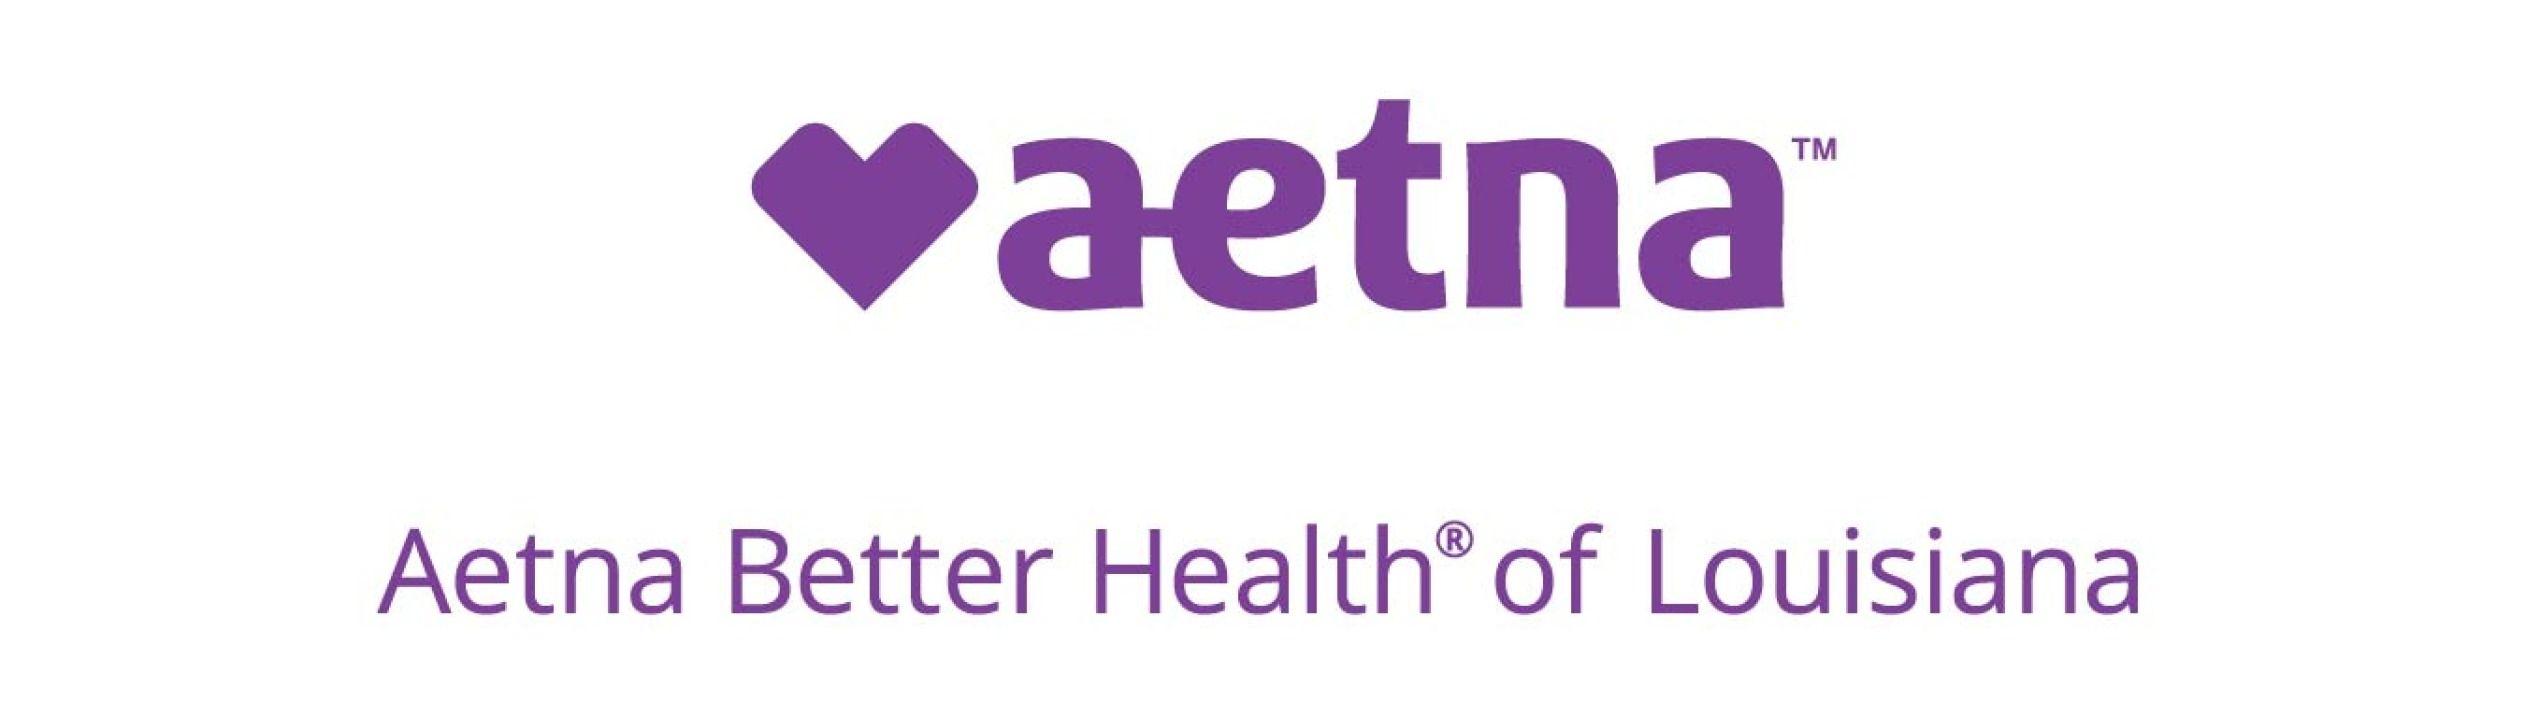 Aetna Better Health of Louisiana